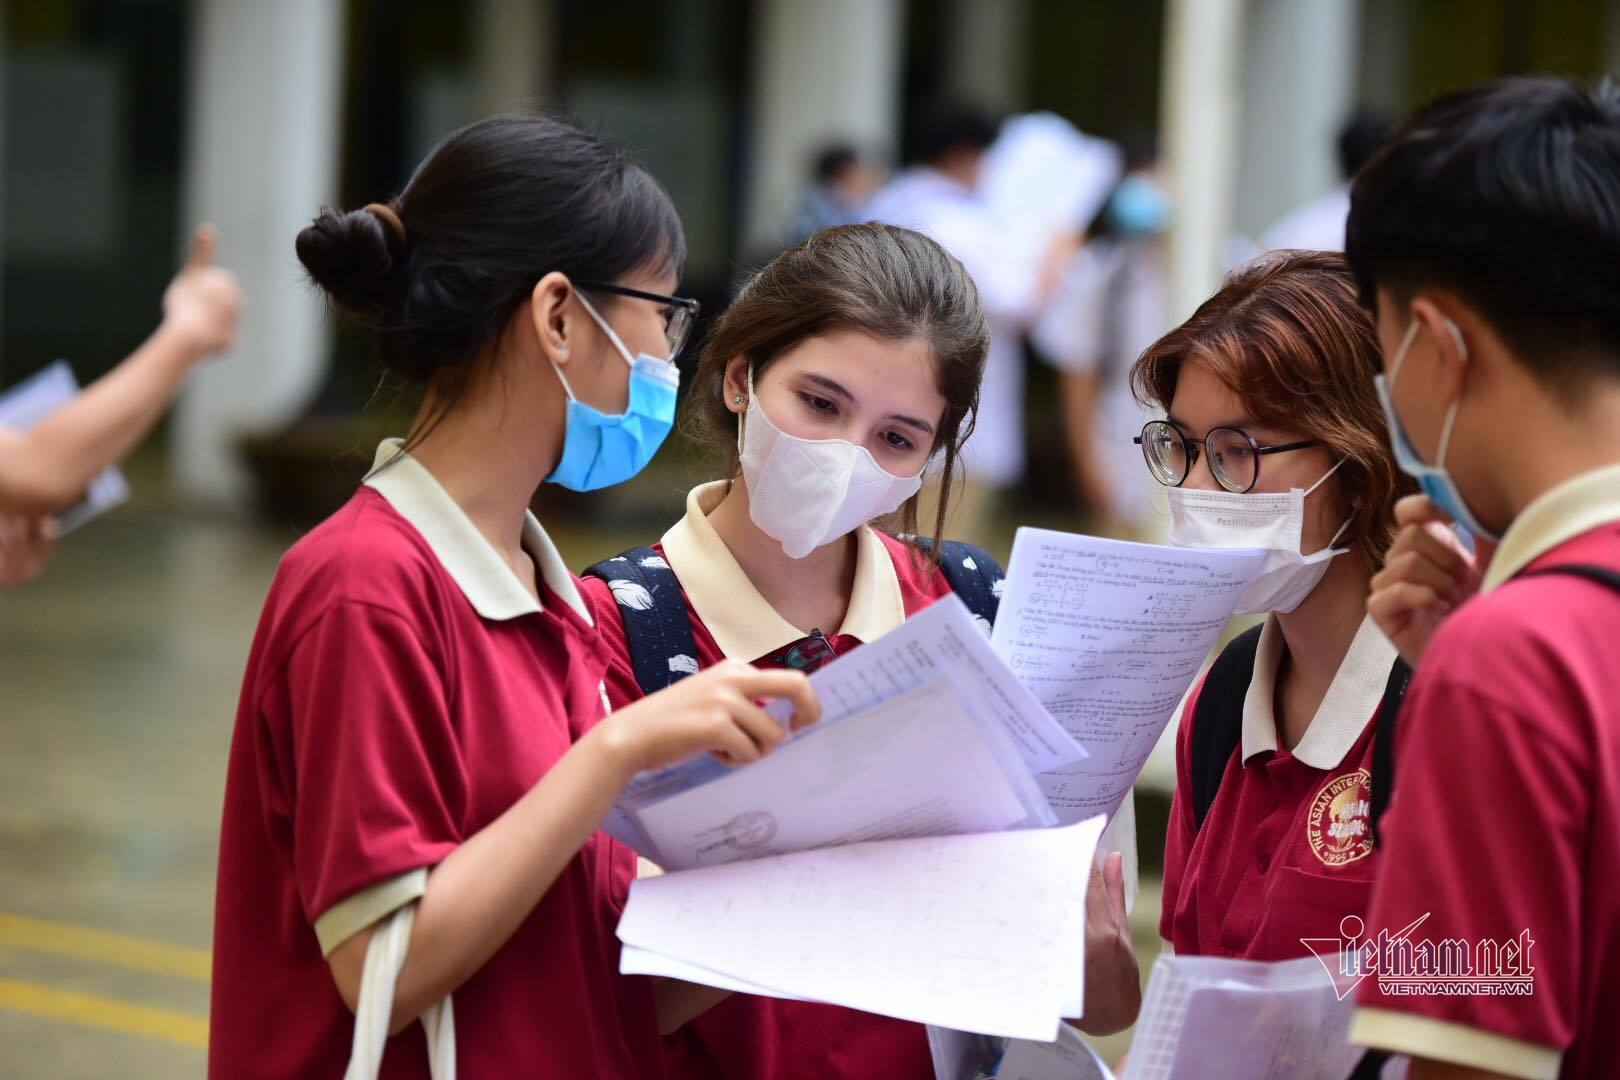 Điểm chuẩn Trường ĐH Bách khoa Hà Nội 3 năm gần đây